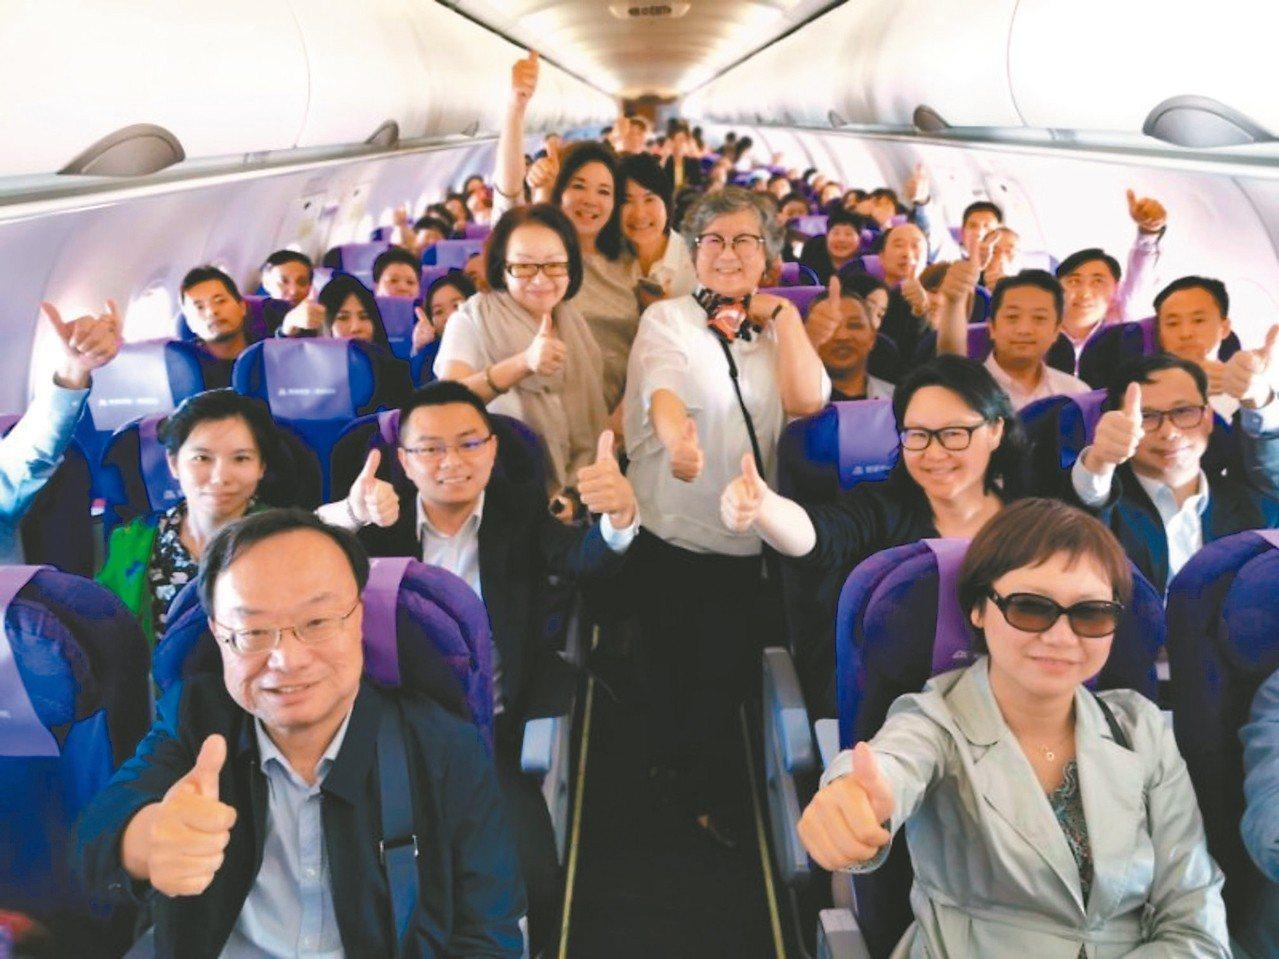 上海市台辦主任李文輝12日率領上海各界代表及觀光旅遊人士135人,搭乘吉祥航空首...